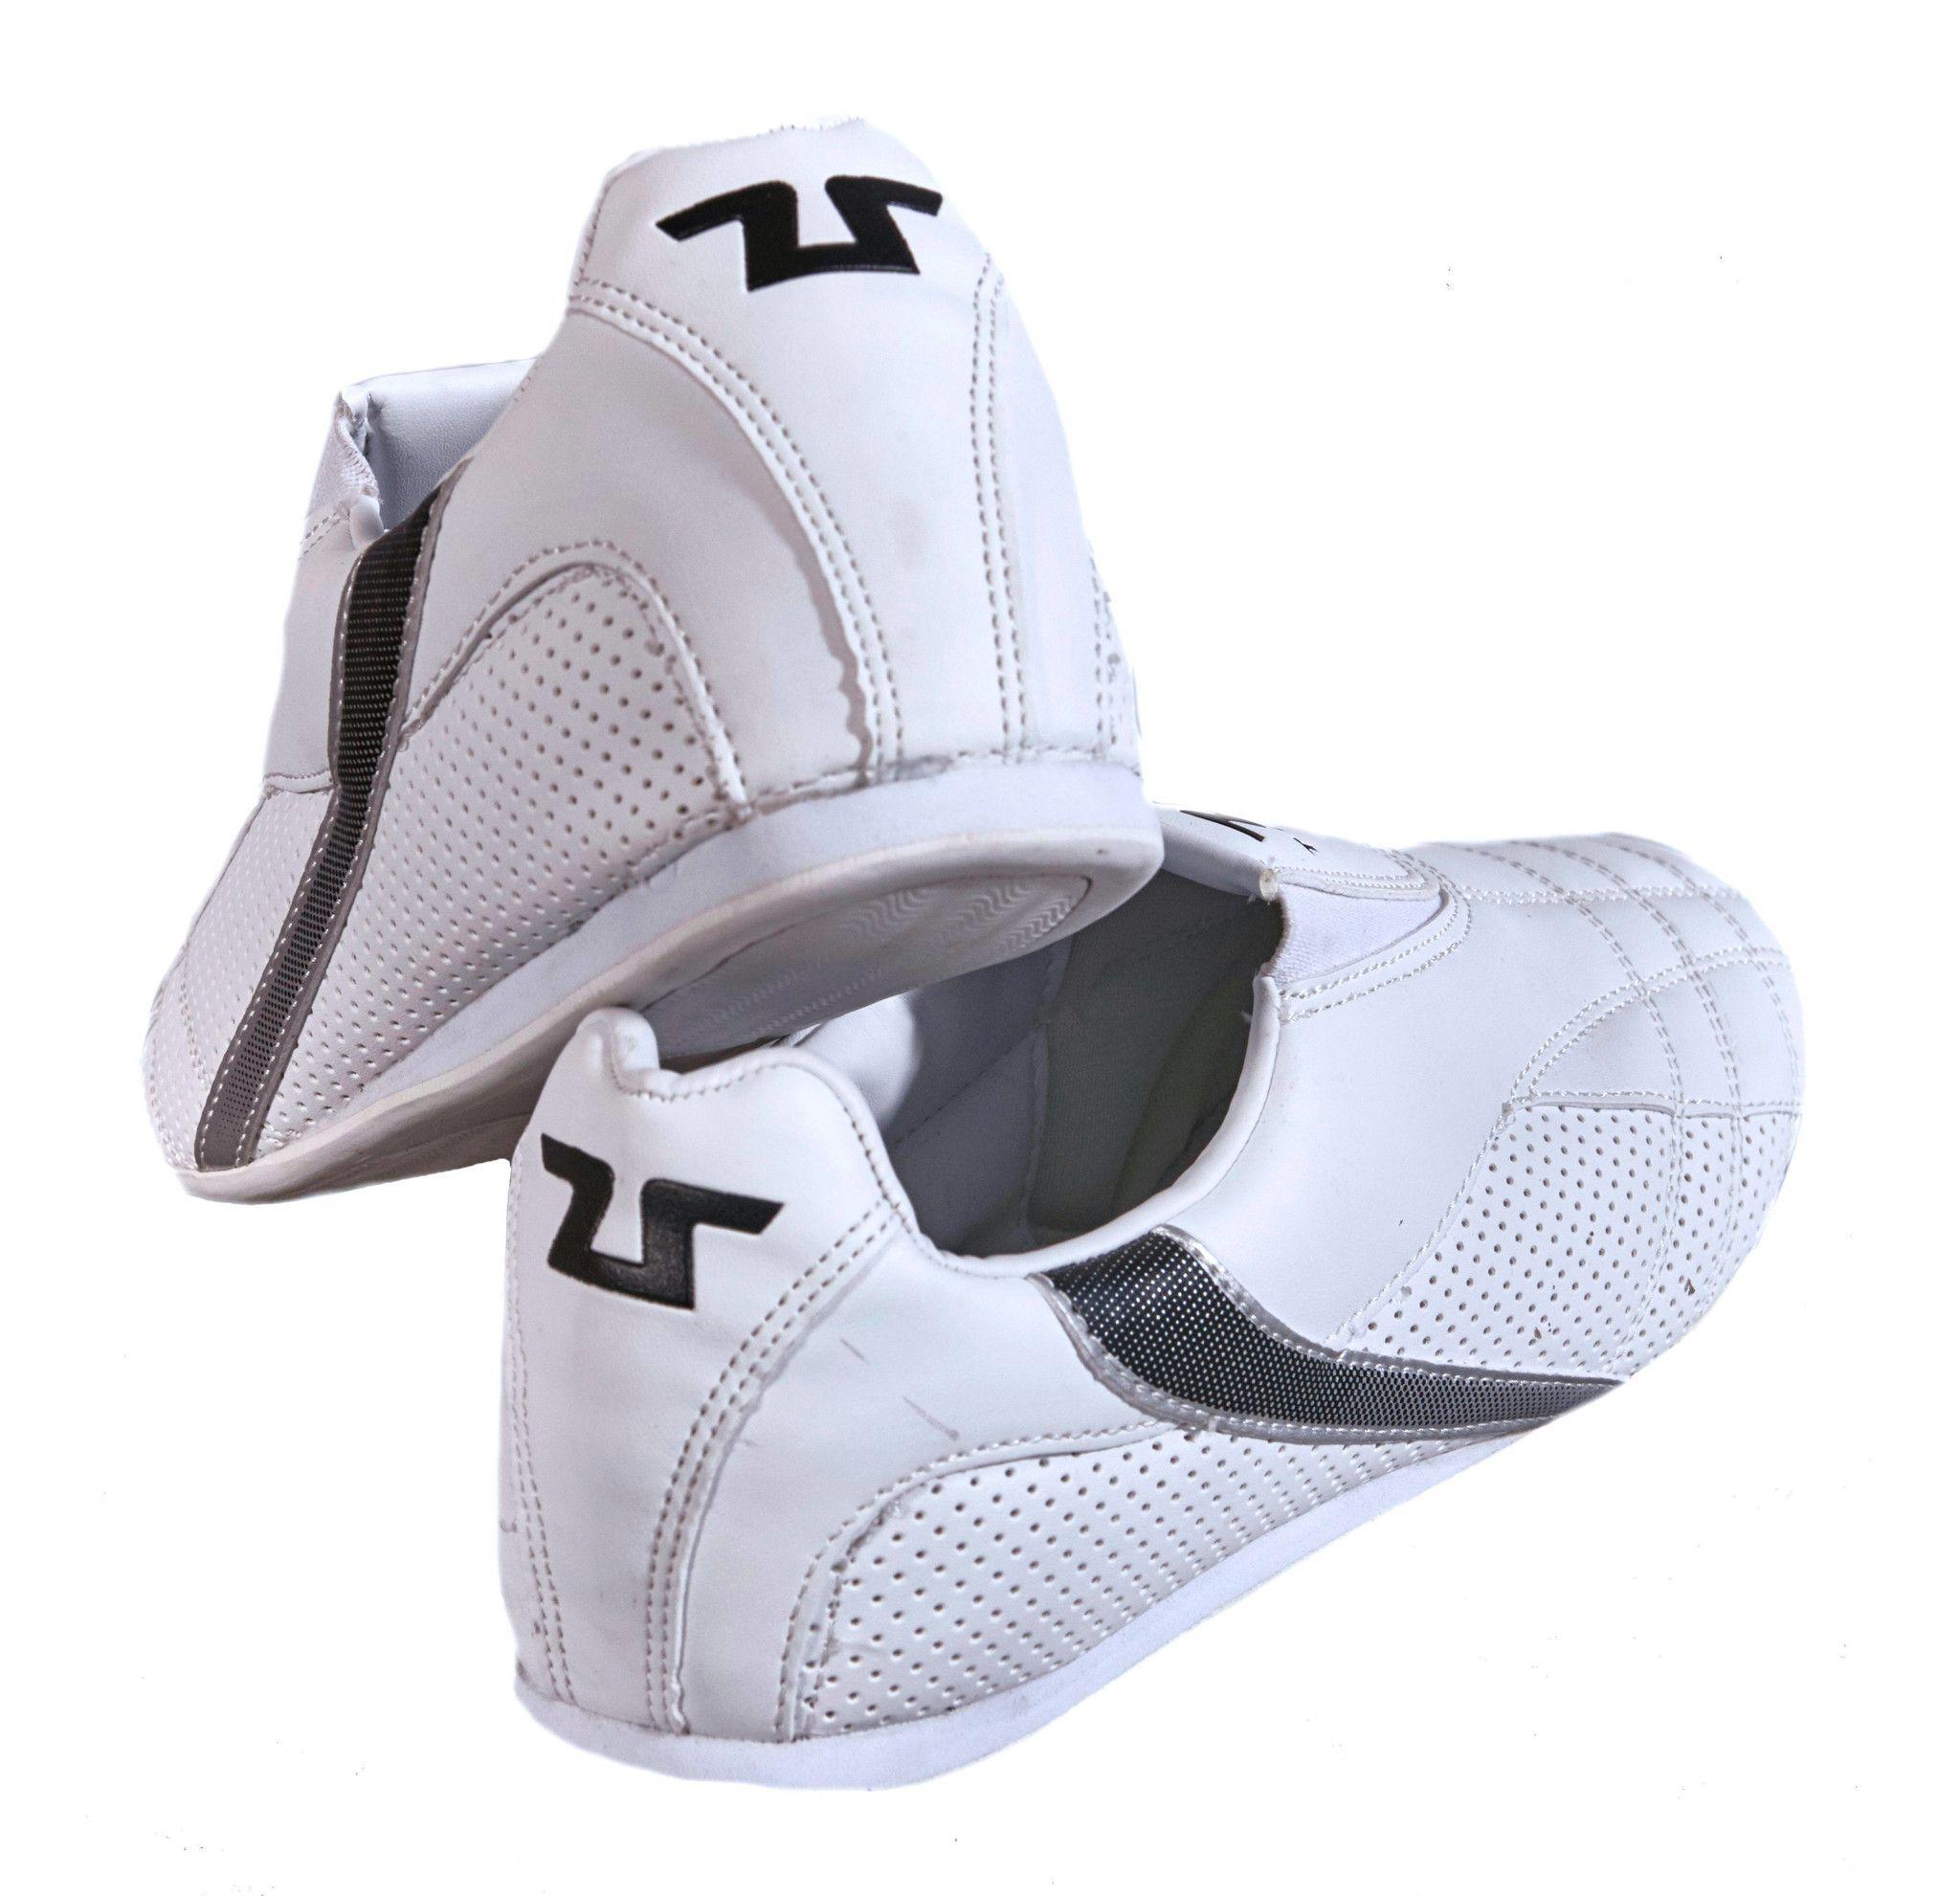 Tusah - Scarpetta Training per Taekwondo, Karate ed Arti Marziali made in Corea ideale per l'allenamento di tutti i giorni